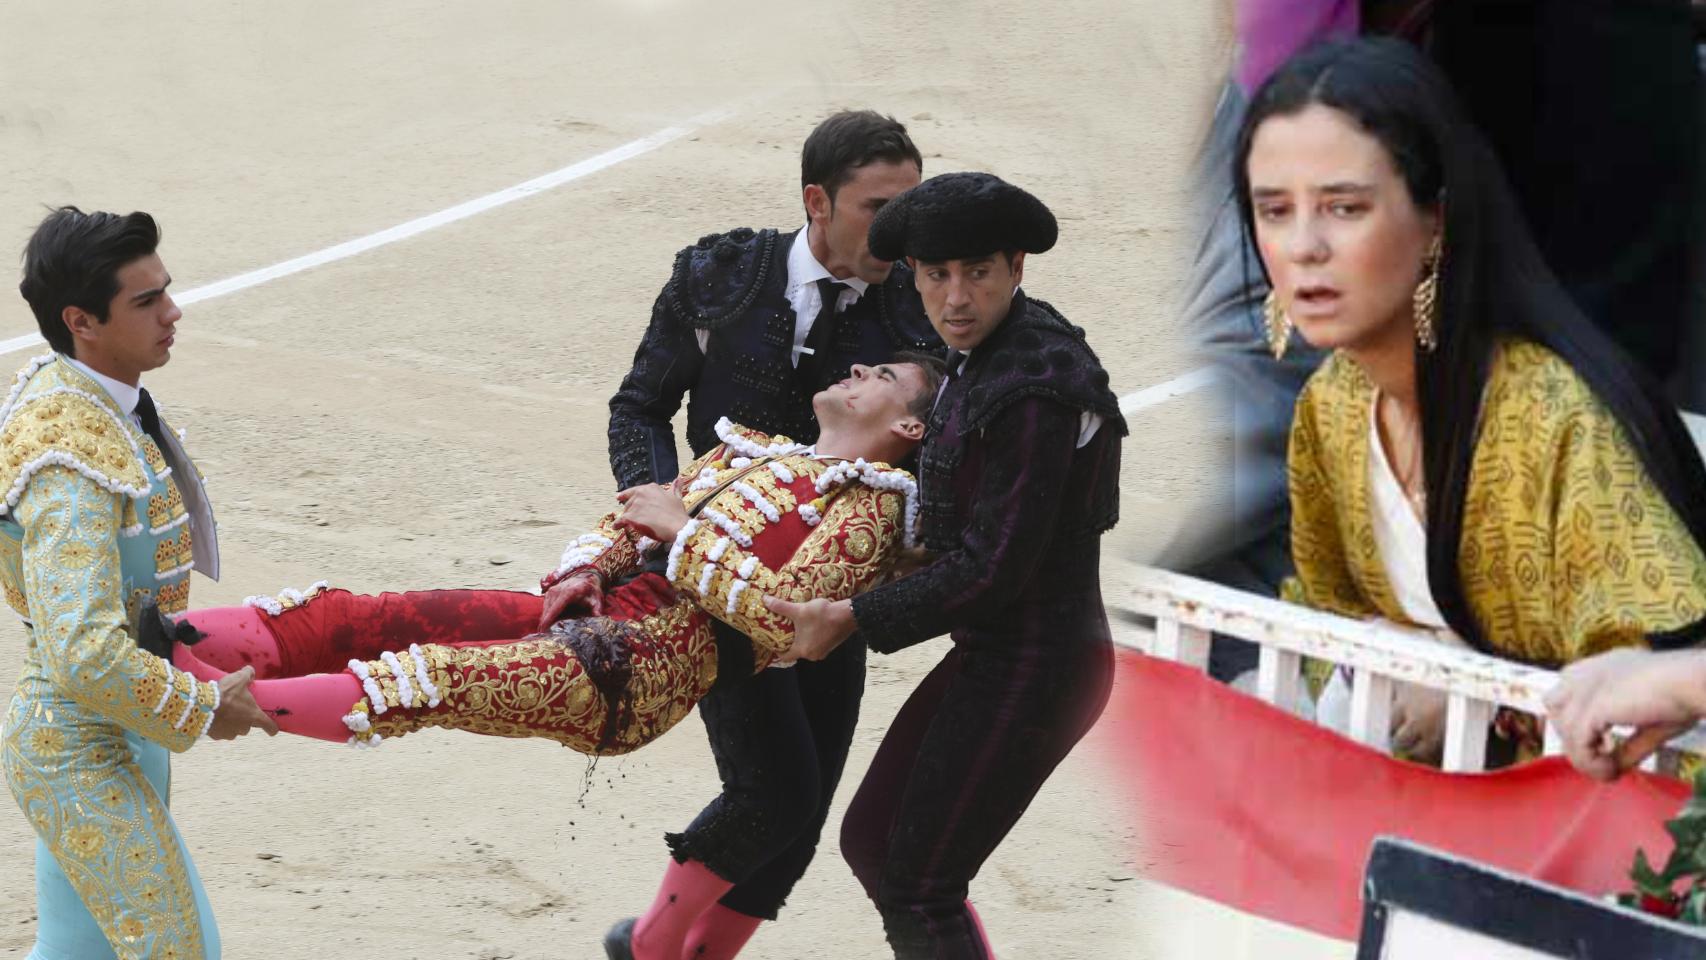 Victoria Federica, entre el público disfrutando de la faena de su amigo Gonzalo Caballero en Las Ventas   Montaje de JALEOS.